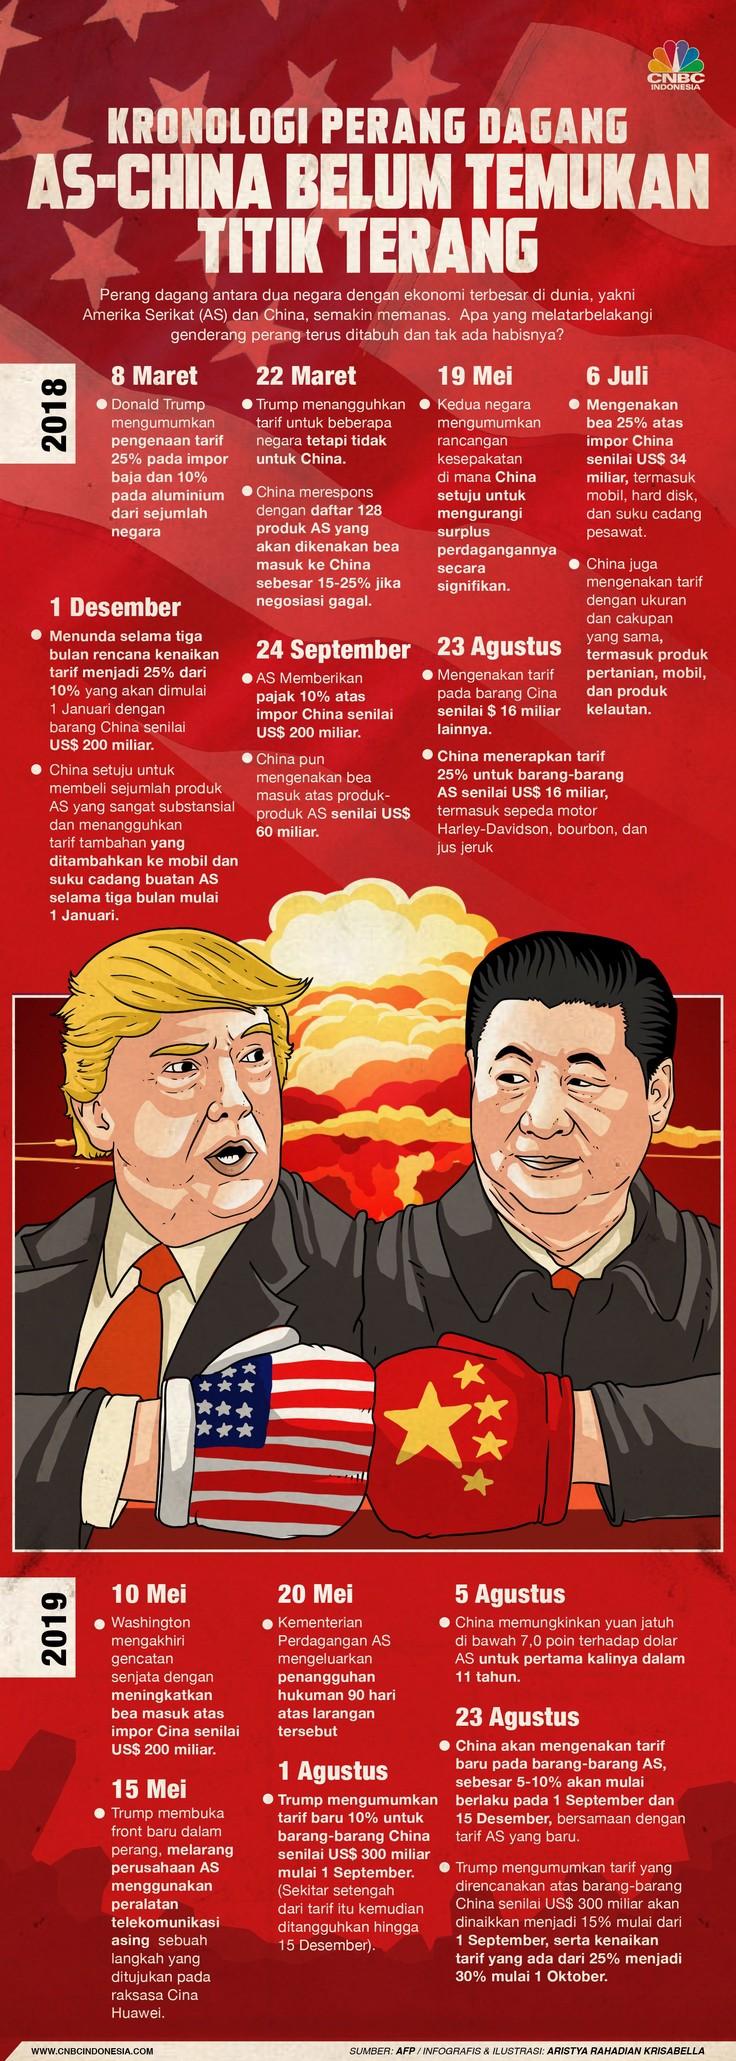 Perang dagang antara China dan Amerika Serikat belum juga mereda, begini kronologinya